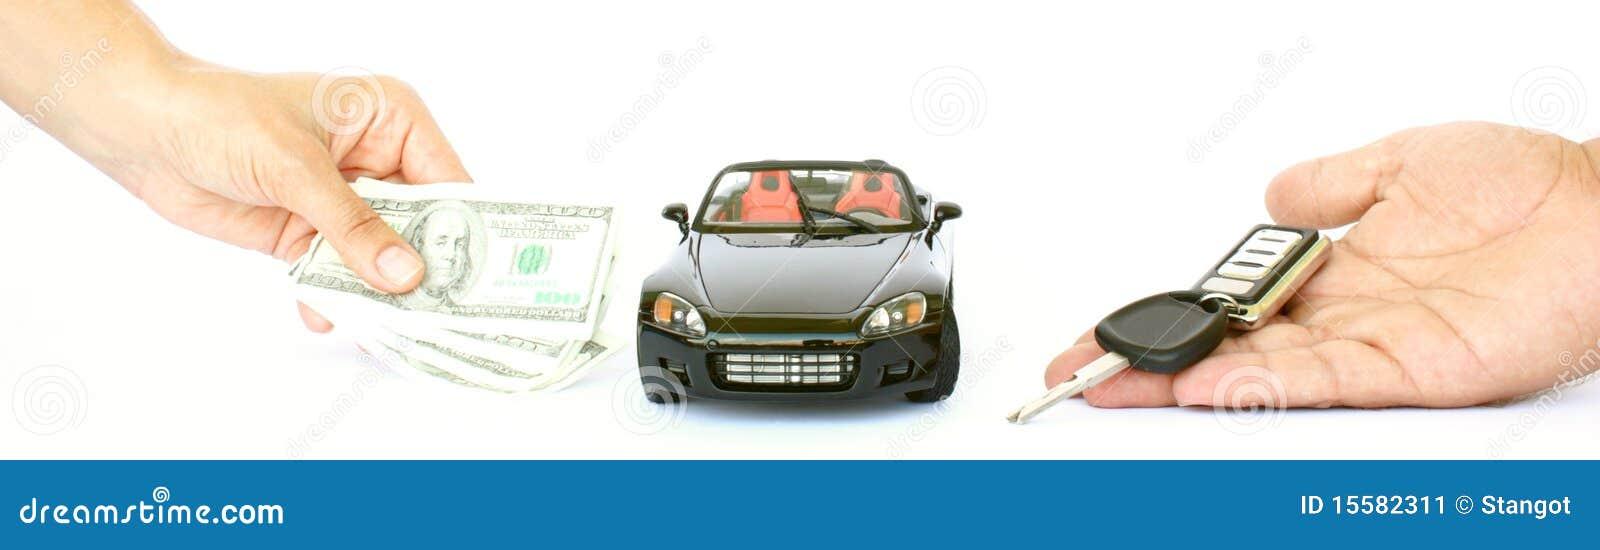 Een auto, een geld en een sleutel